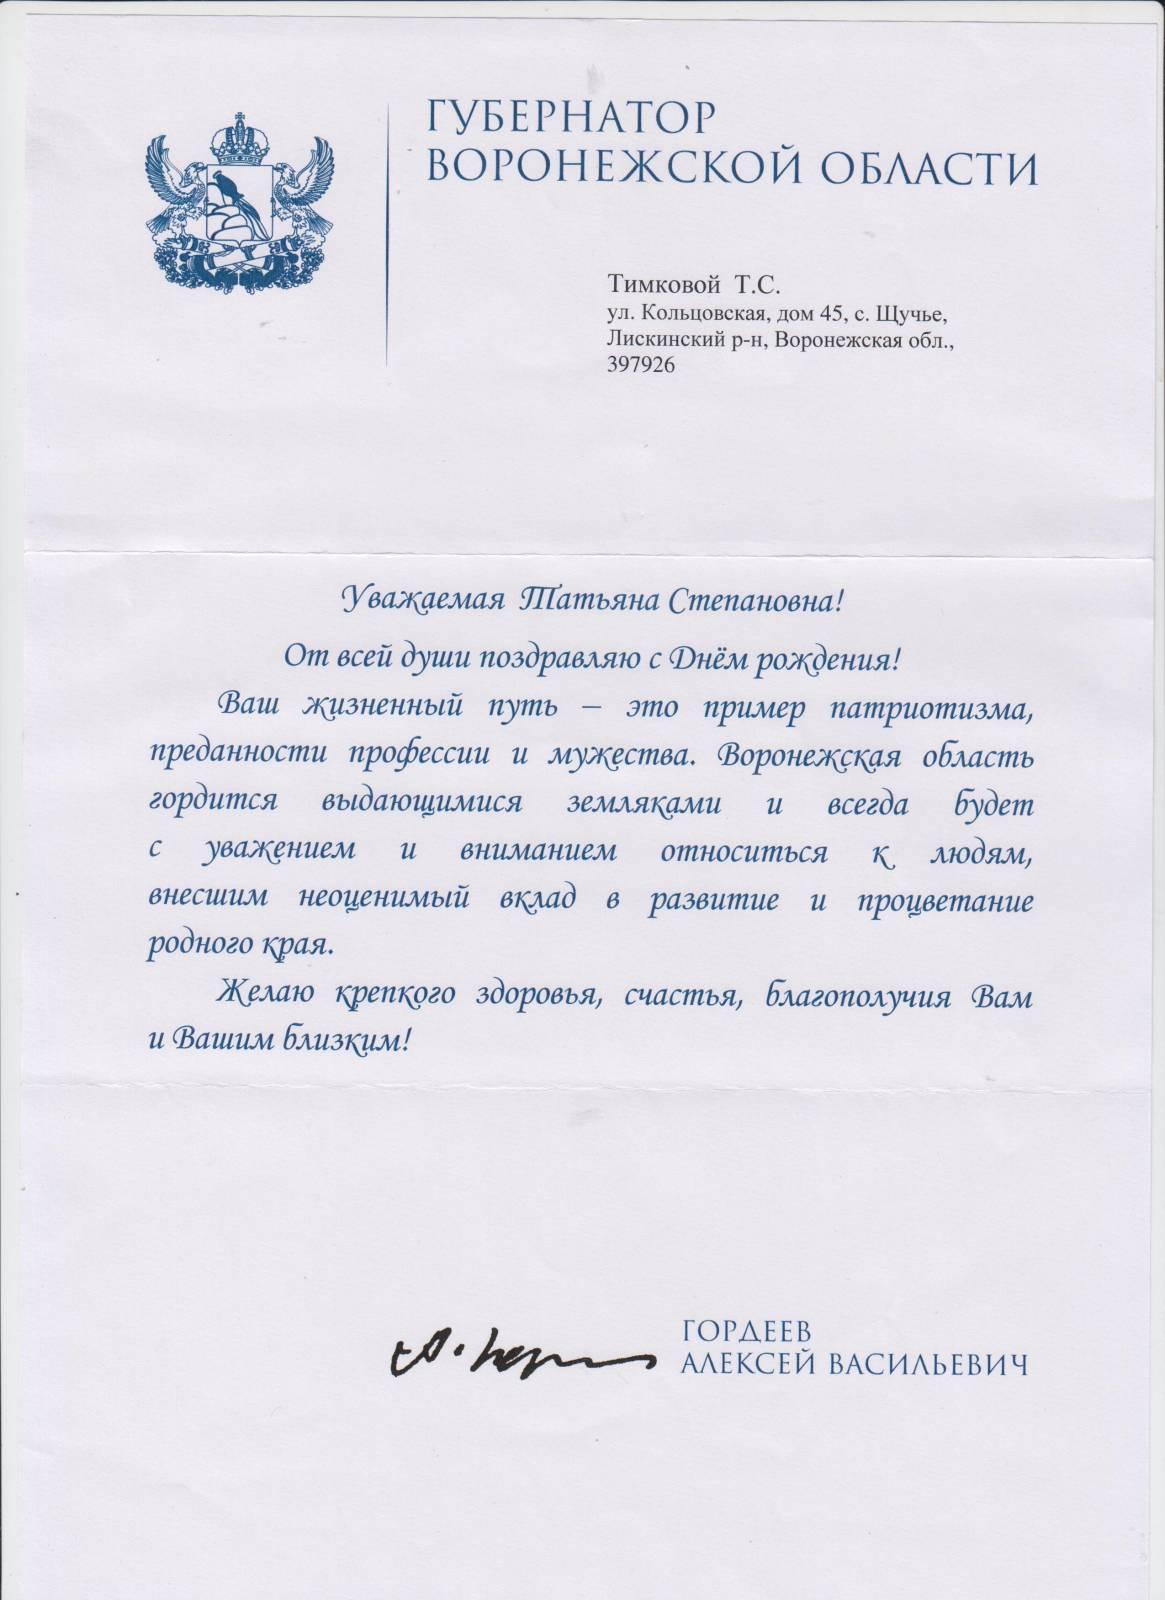 Пример официального письма поздравления с днем рождения